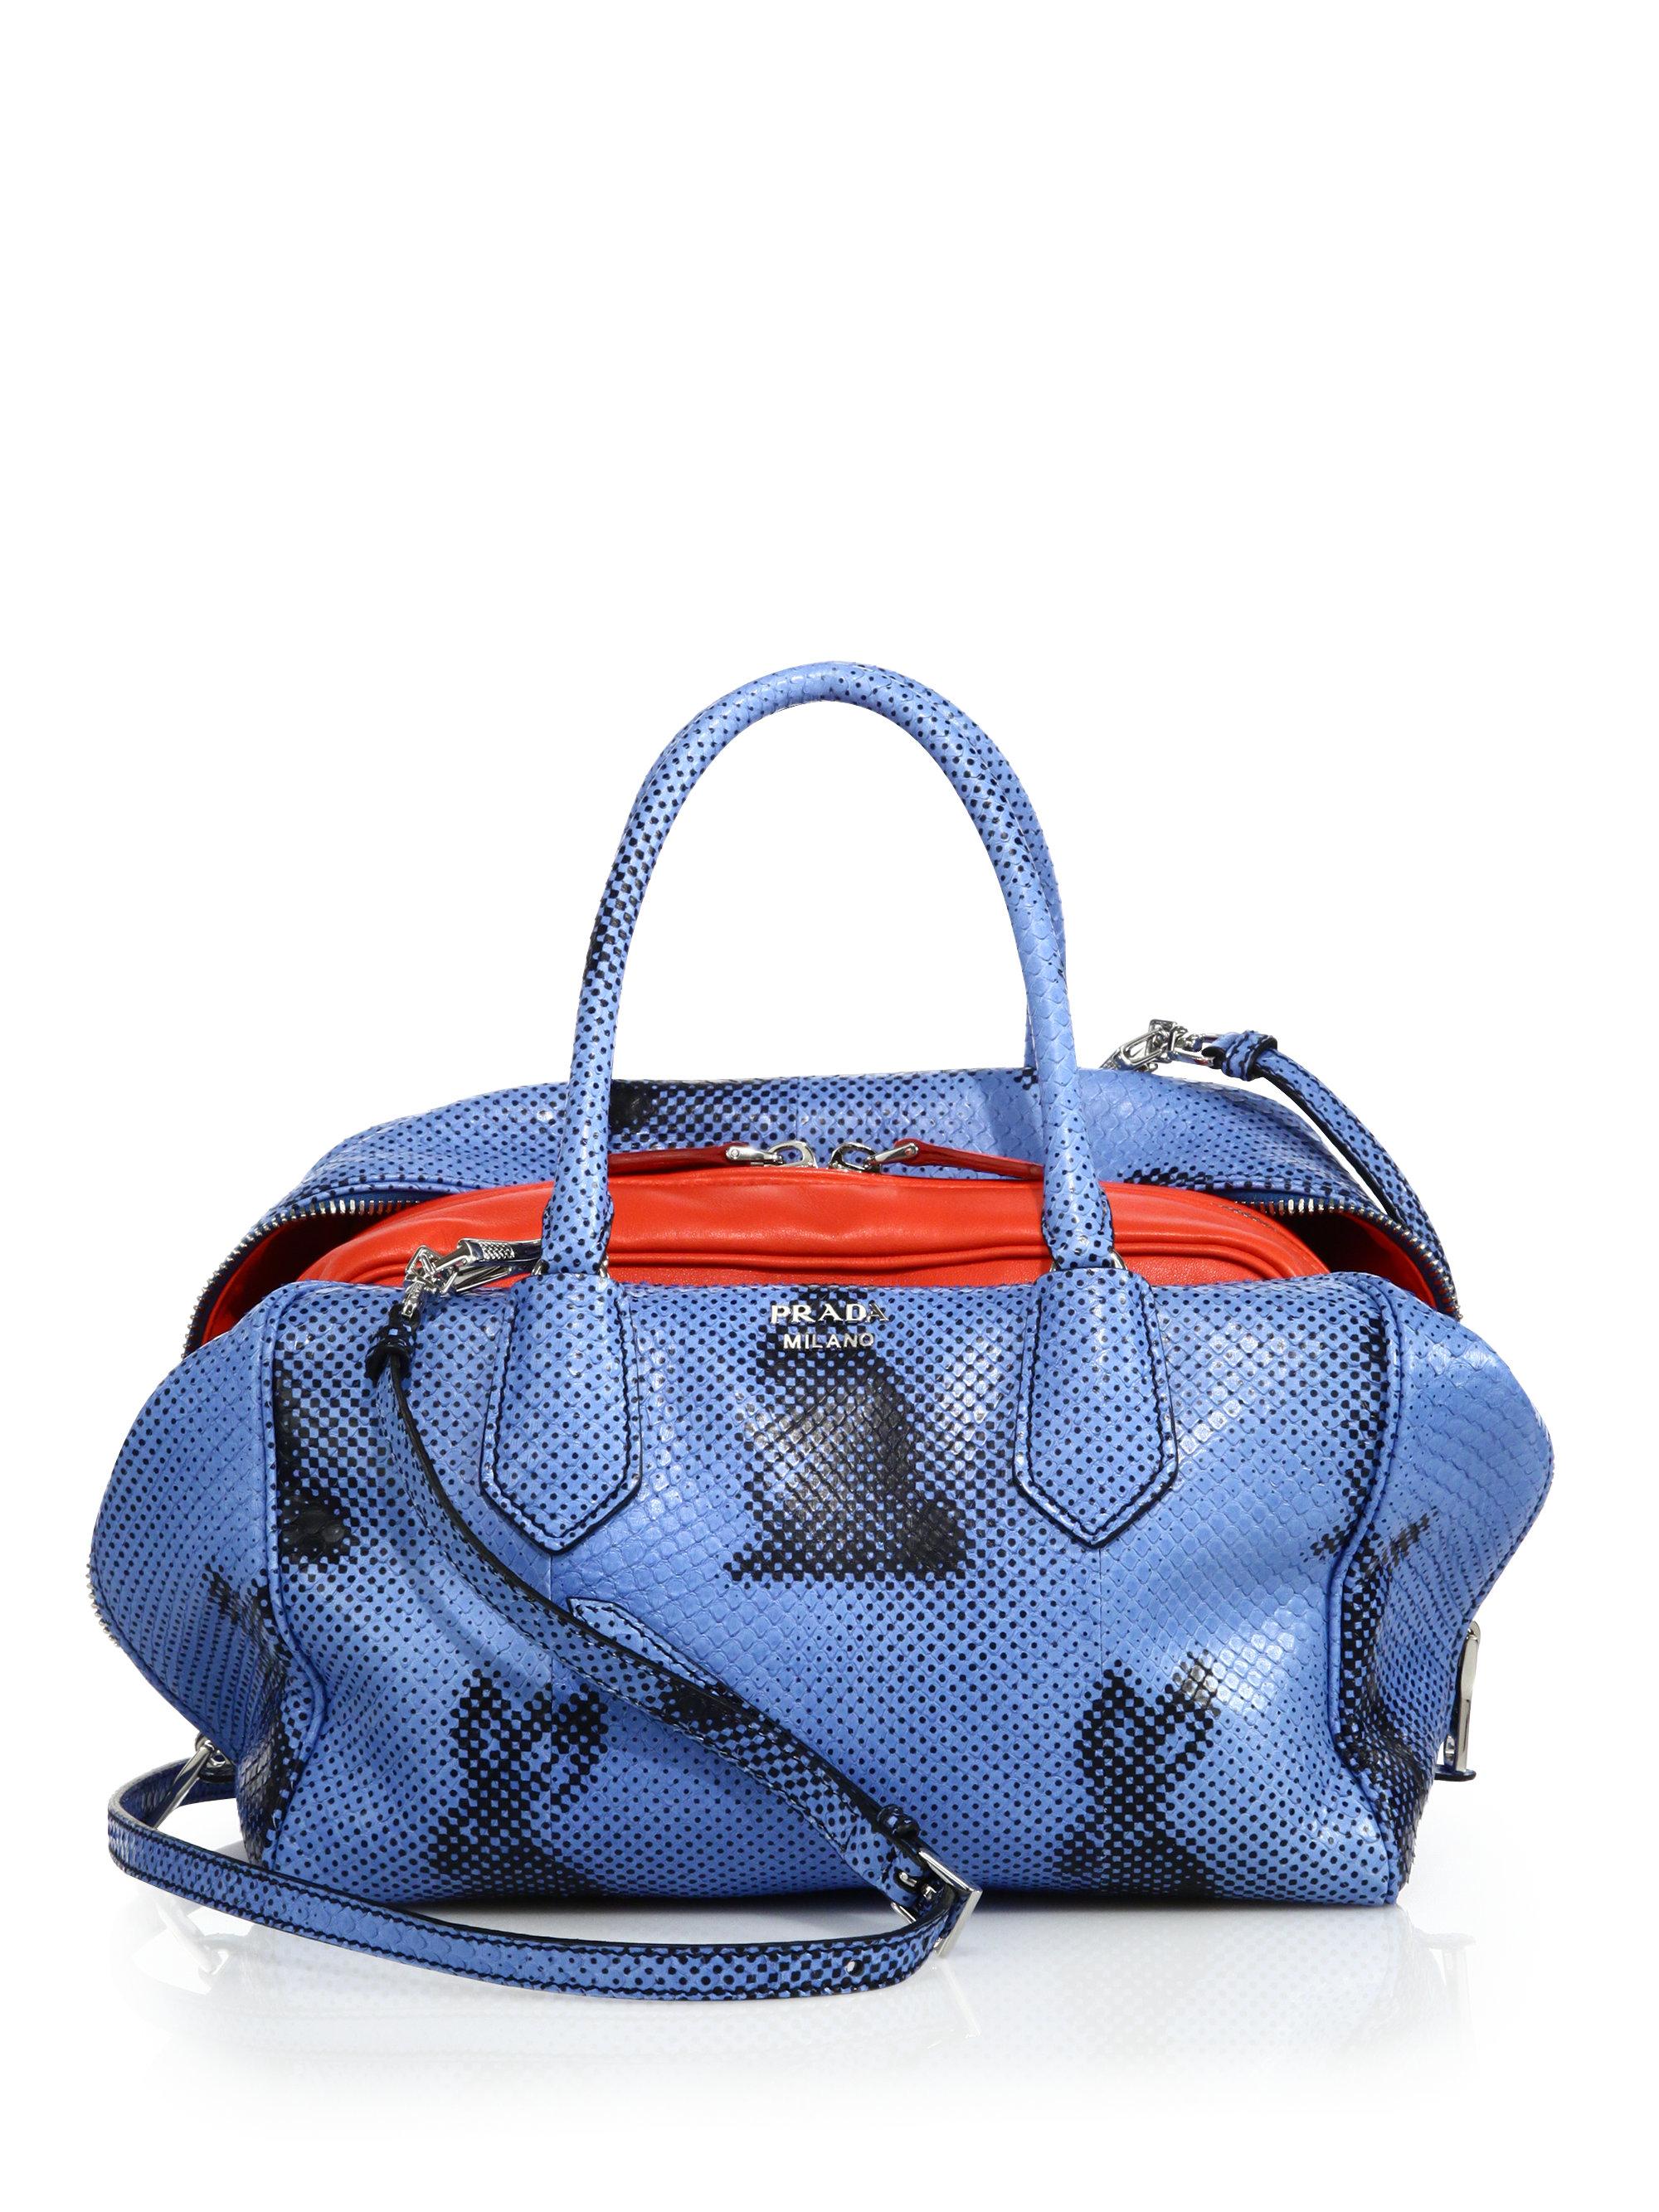 28eb372982da discount code for lyst prada rabbit print python inside bag in blue b77a9  f6f76